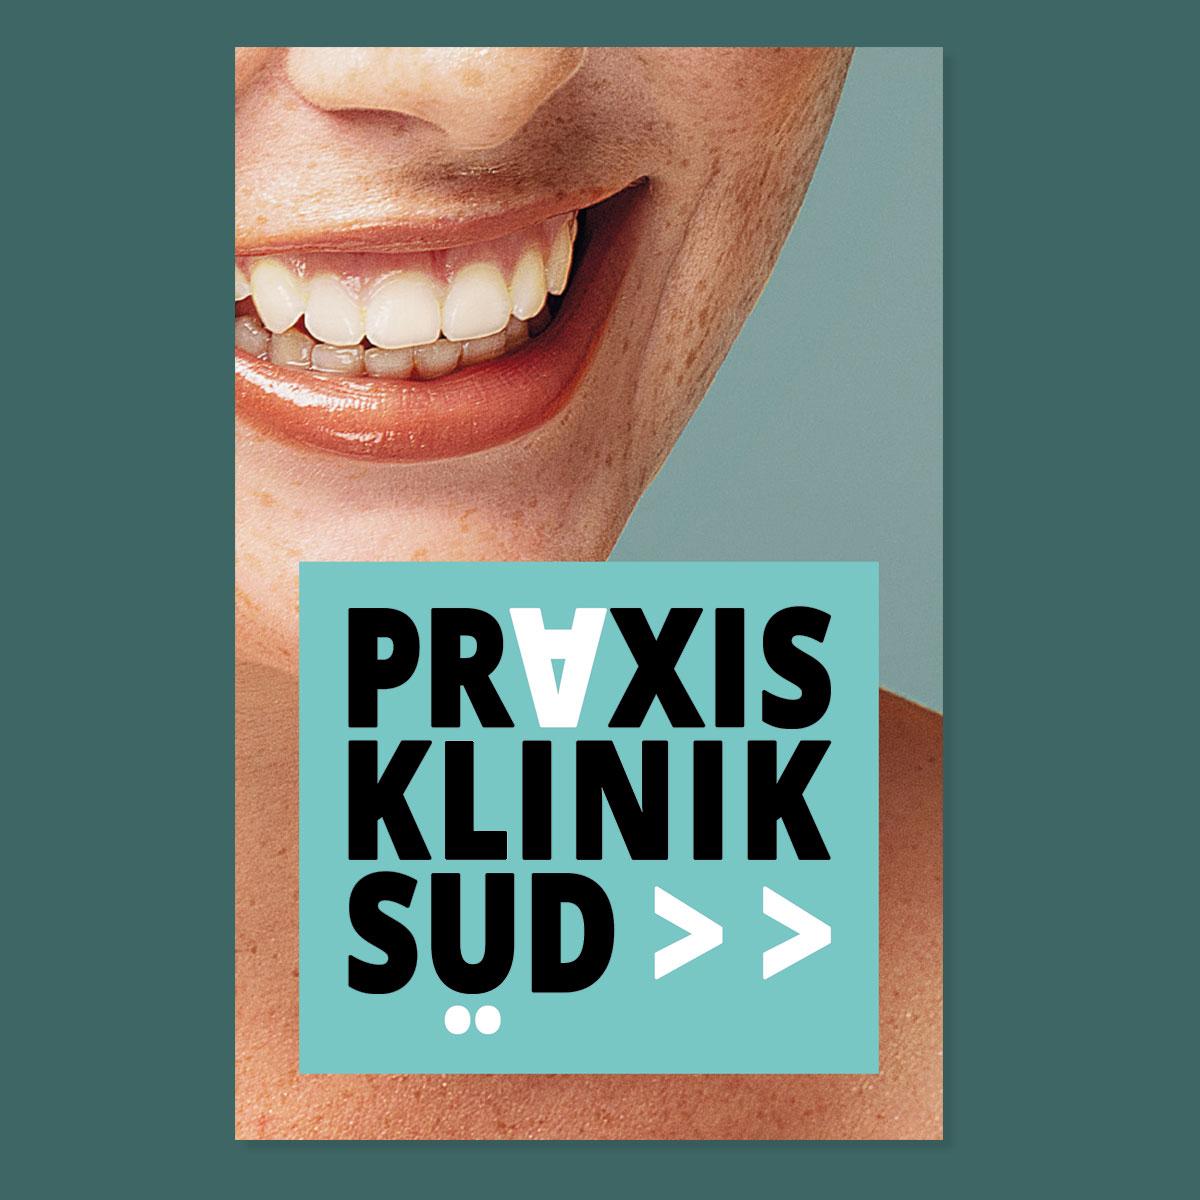 Praxis Klinik Süd: Mund-, Kiefer, Gesichts- und Oralchirurgie: Visitenkarte: Vorderseite